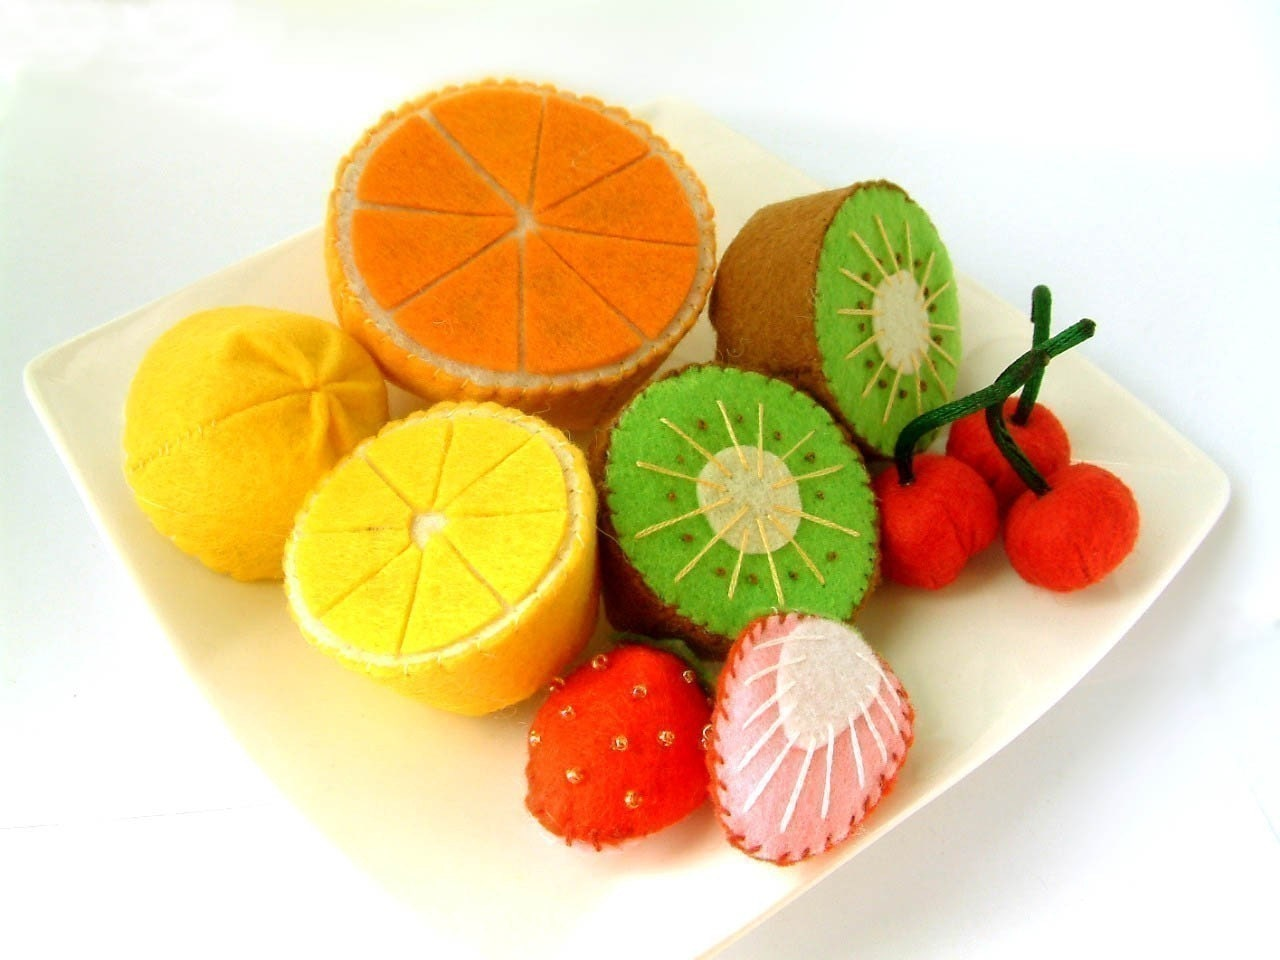 DIY Lovely fruit set(Lemon,Orange,Kiwi,Cherry,Strawberry)--PDF Pattern via Email--V02